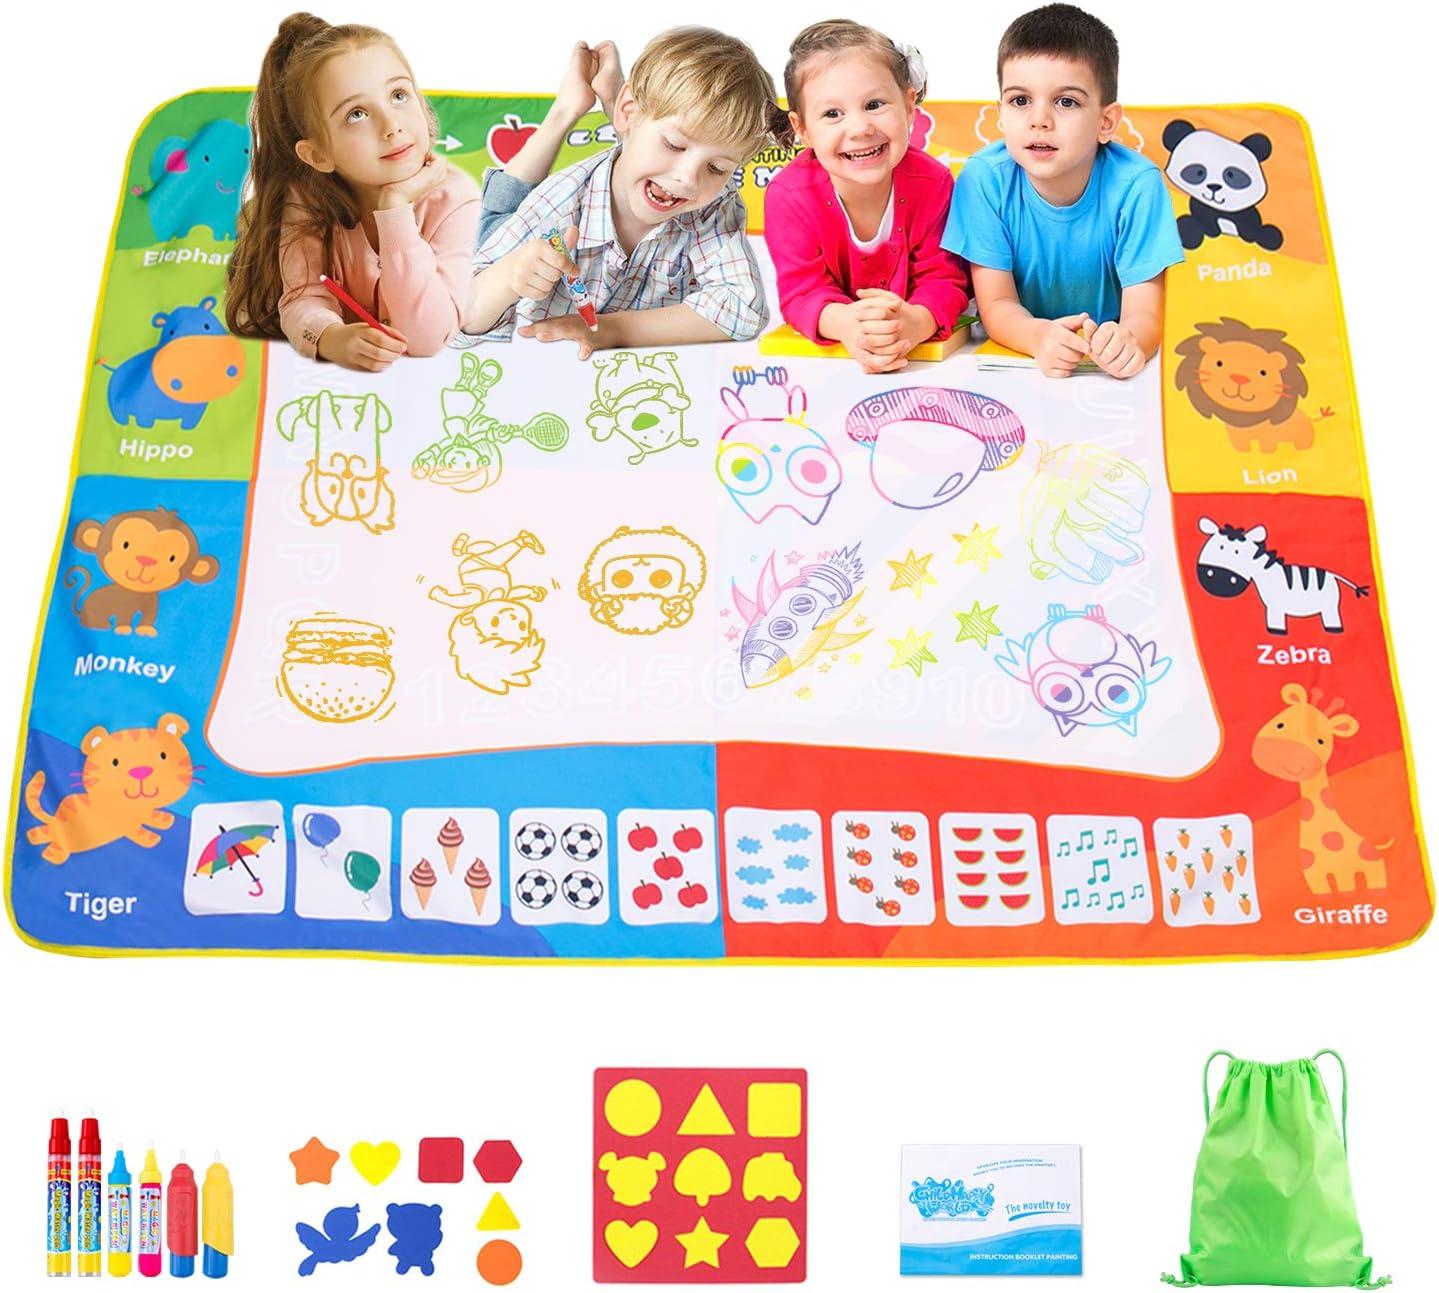 Omew Agua Dibujo Pintura,Esteras de Agua Doodle, de 120 x 90 cm de Mayor tamaño , con 6 bolígrafos mágicos, 8 Sellos, 1 Molde y 1 folleto de Dibujo y 1 Mochila de Almacenamiento para niños